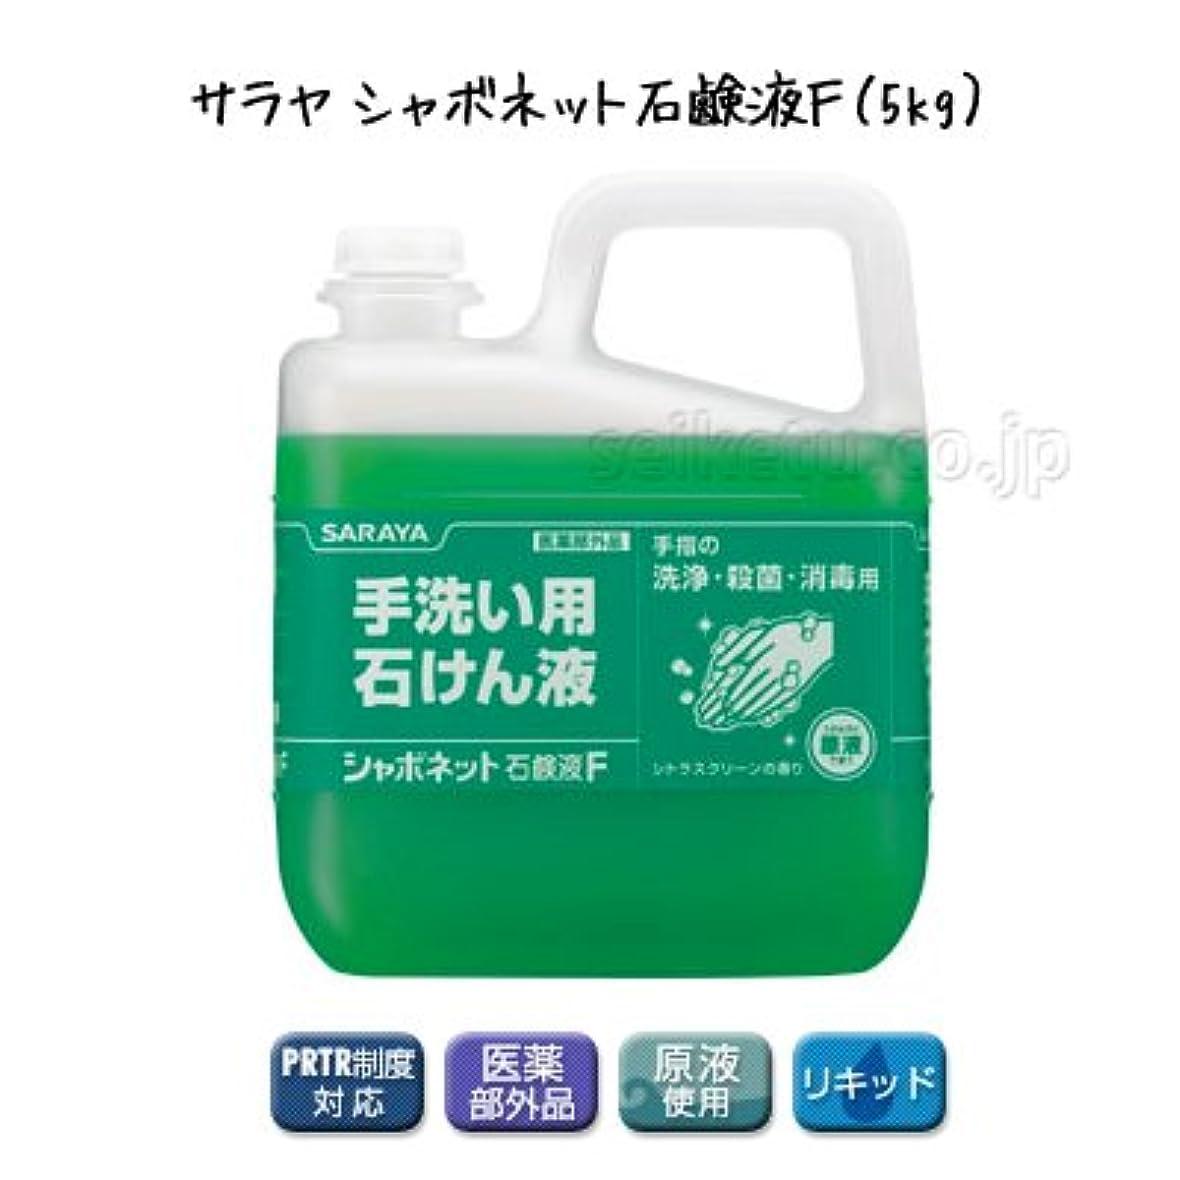 二次弁護め言葉【清潔キレイ館】サラヤ シャボネット石鹸液F(5kg)